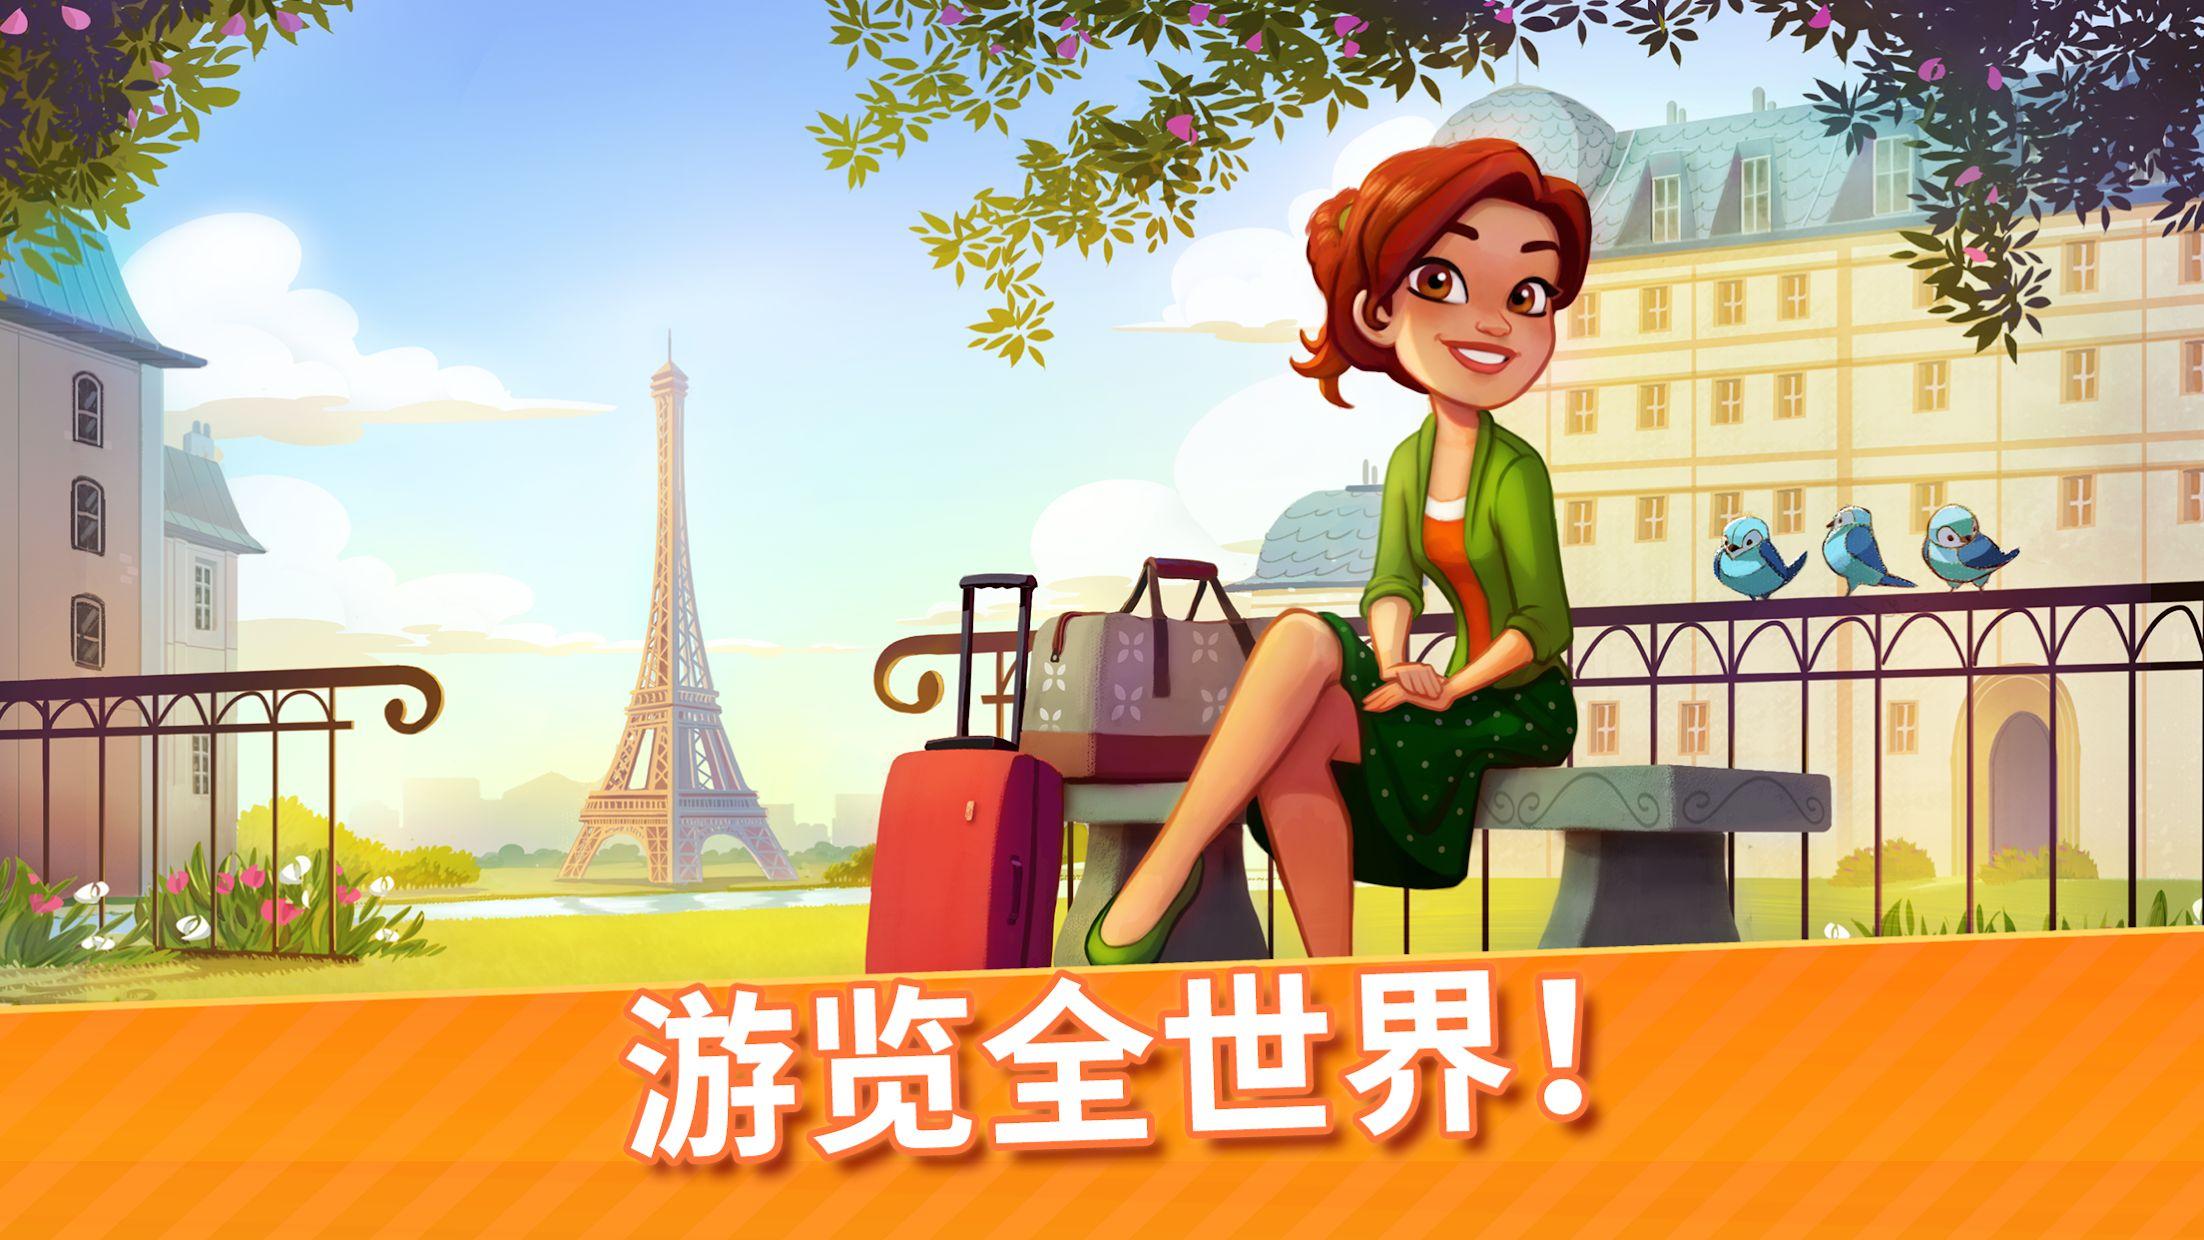 美味餐厅世界 - 烹饪游戏 游戏截图5